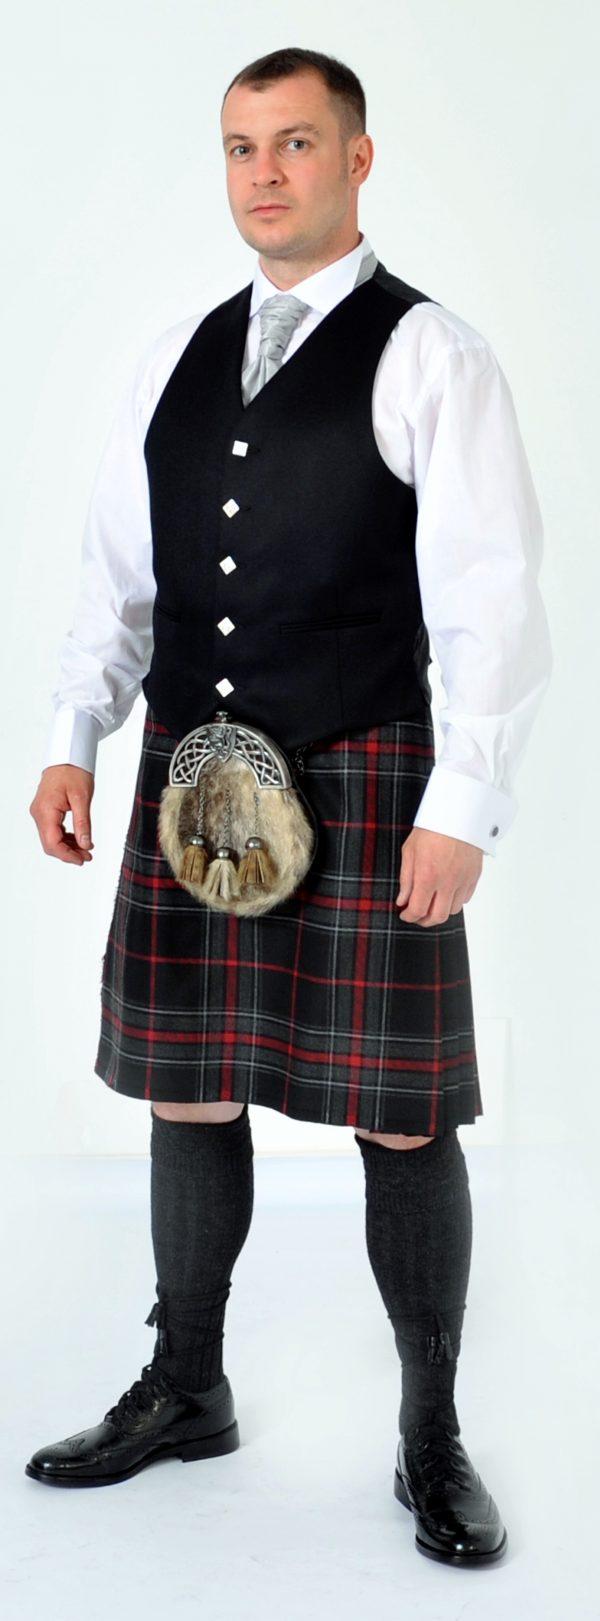 Argyll Vest Only